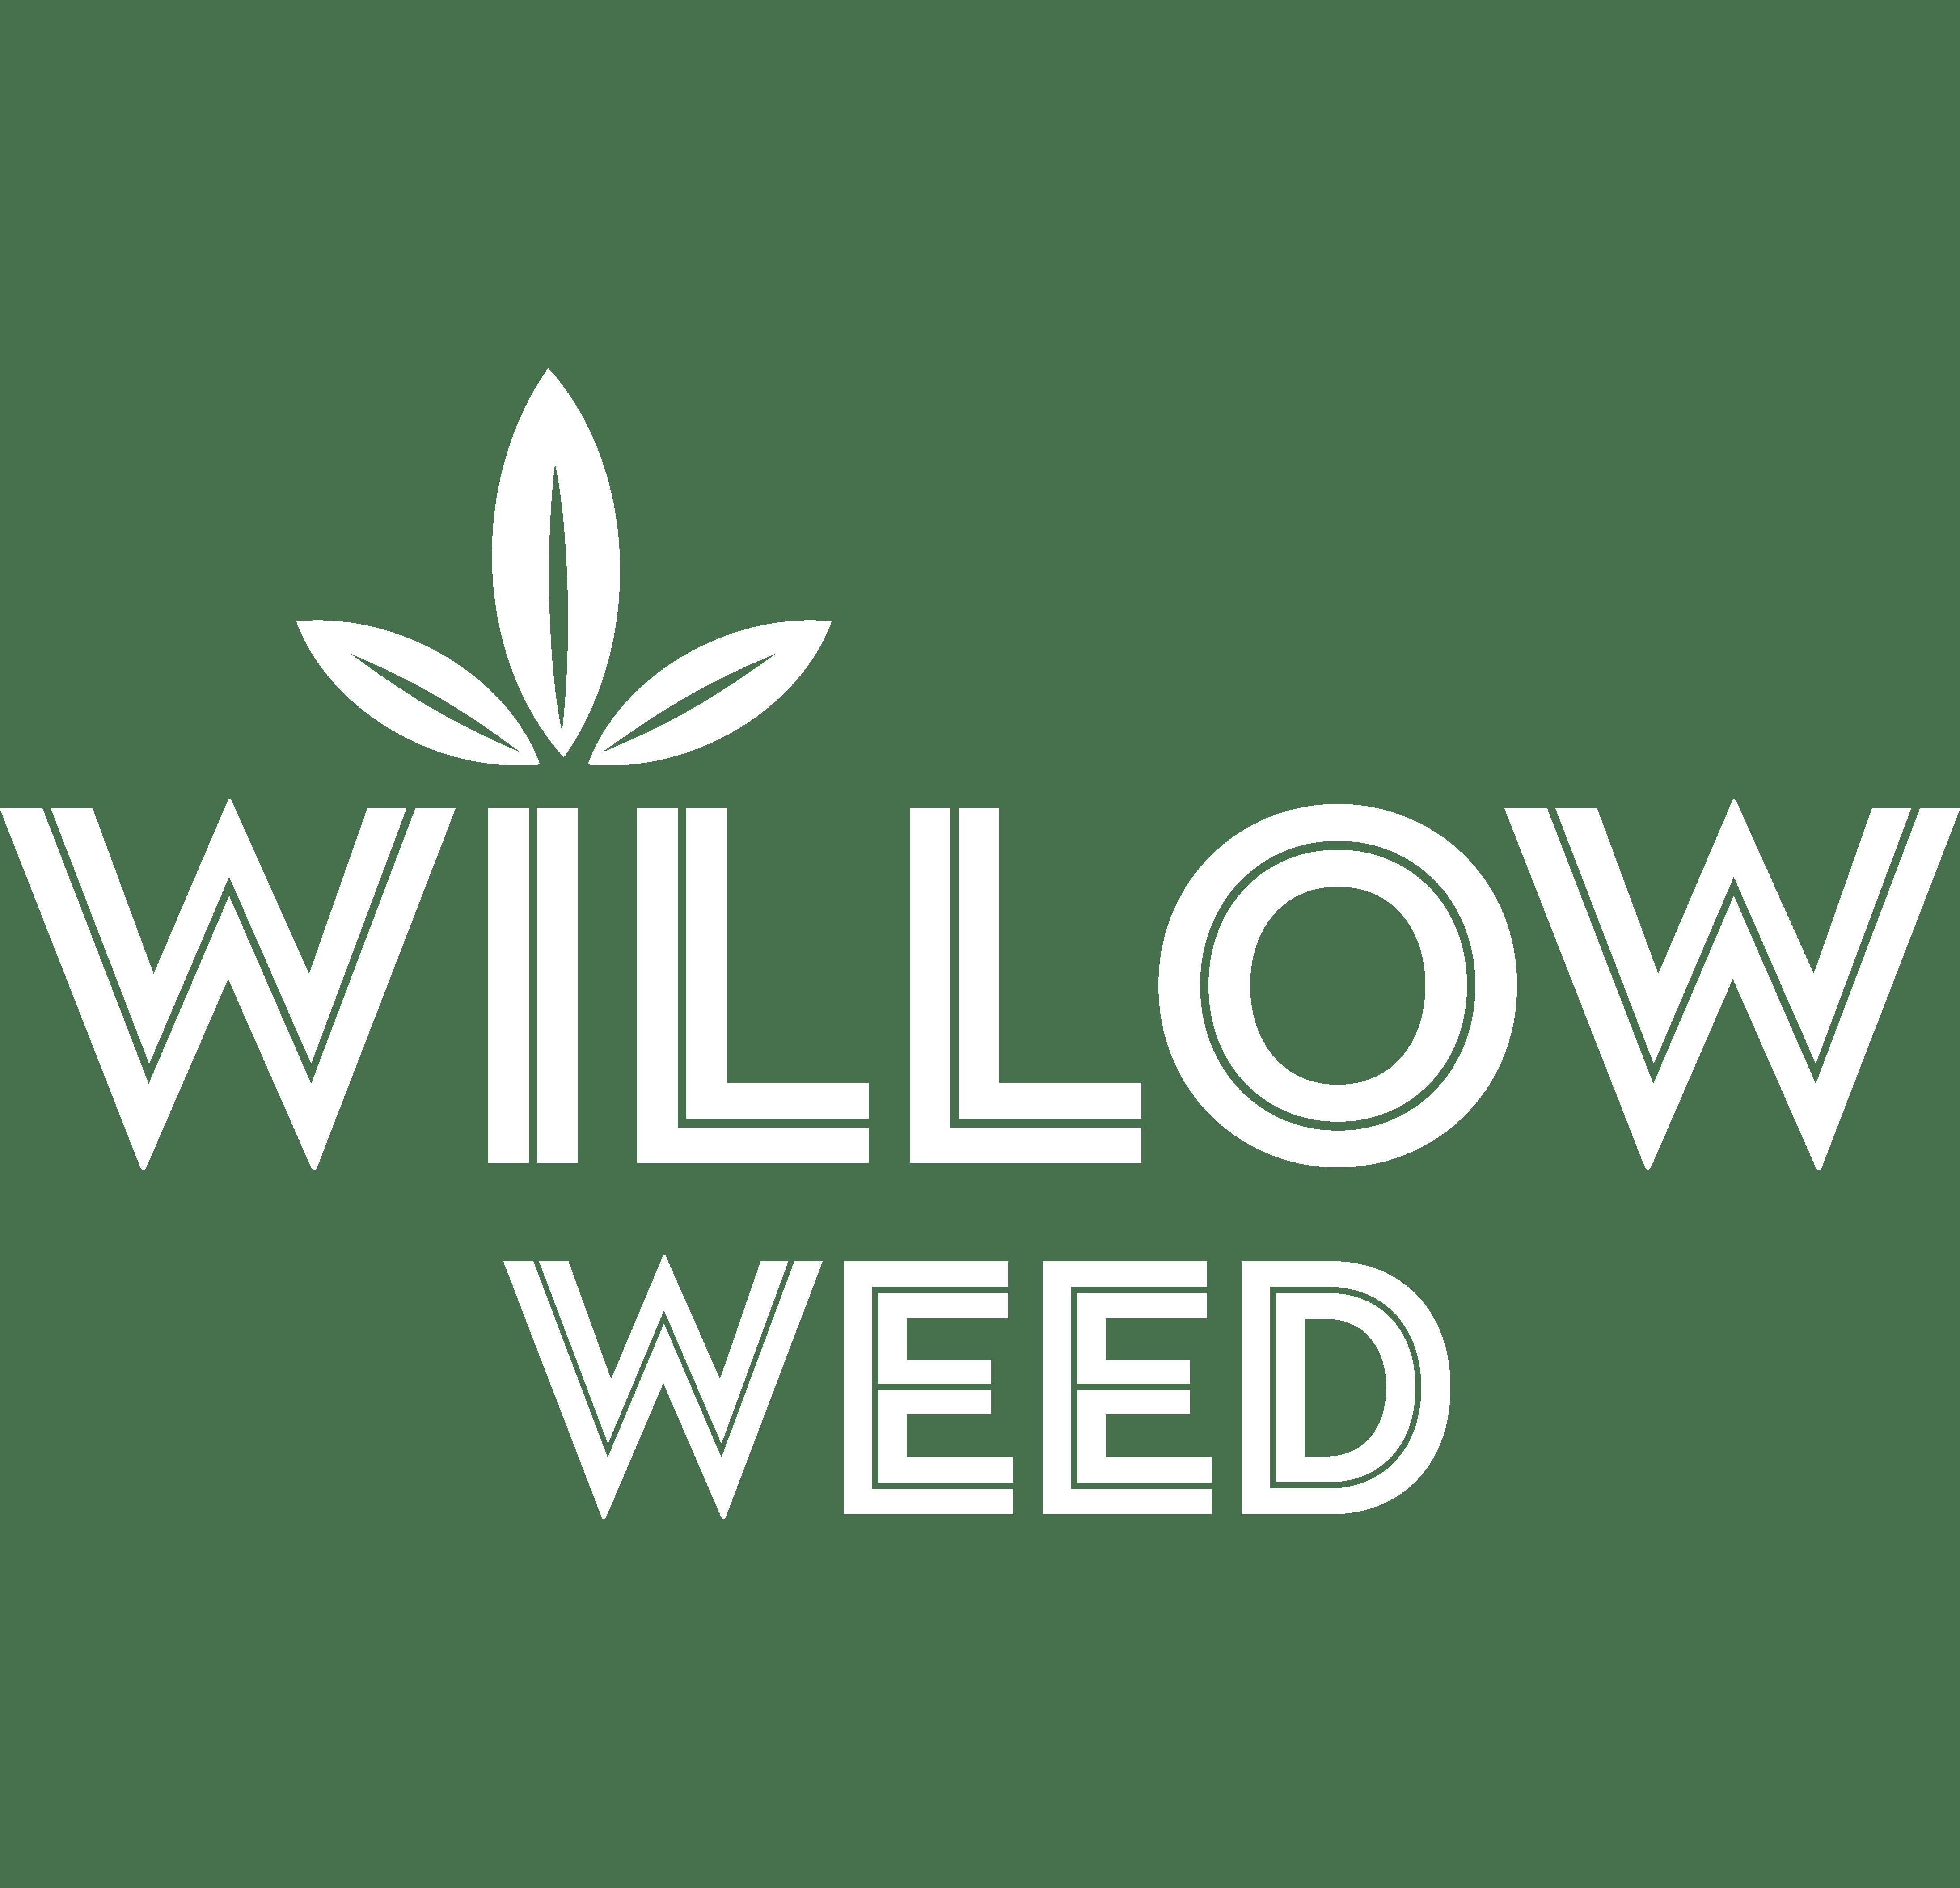 logo-willow-white